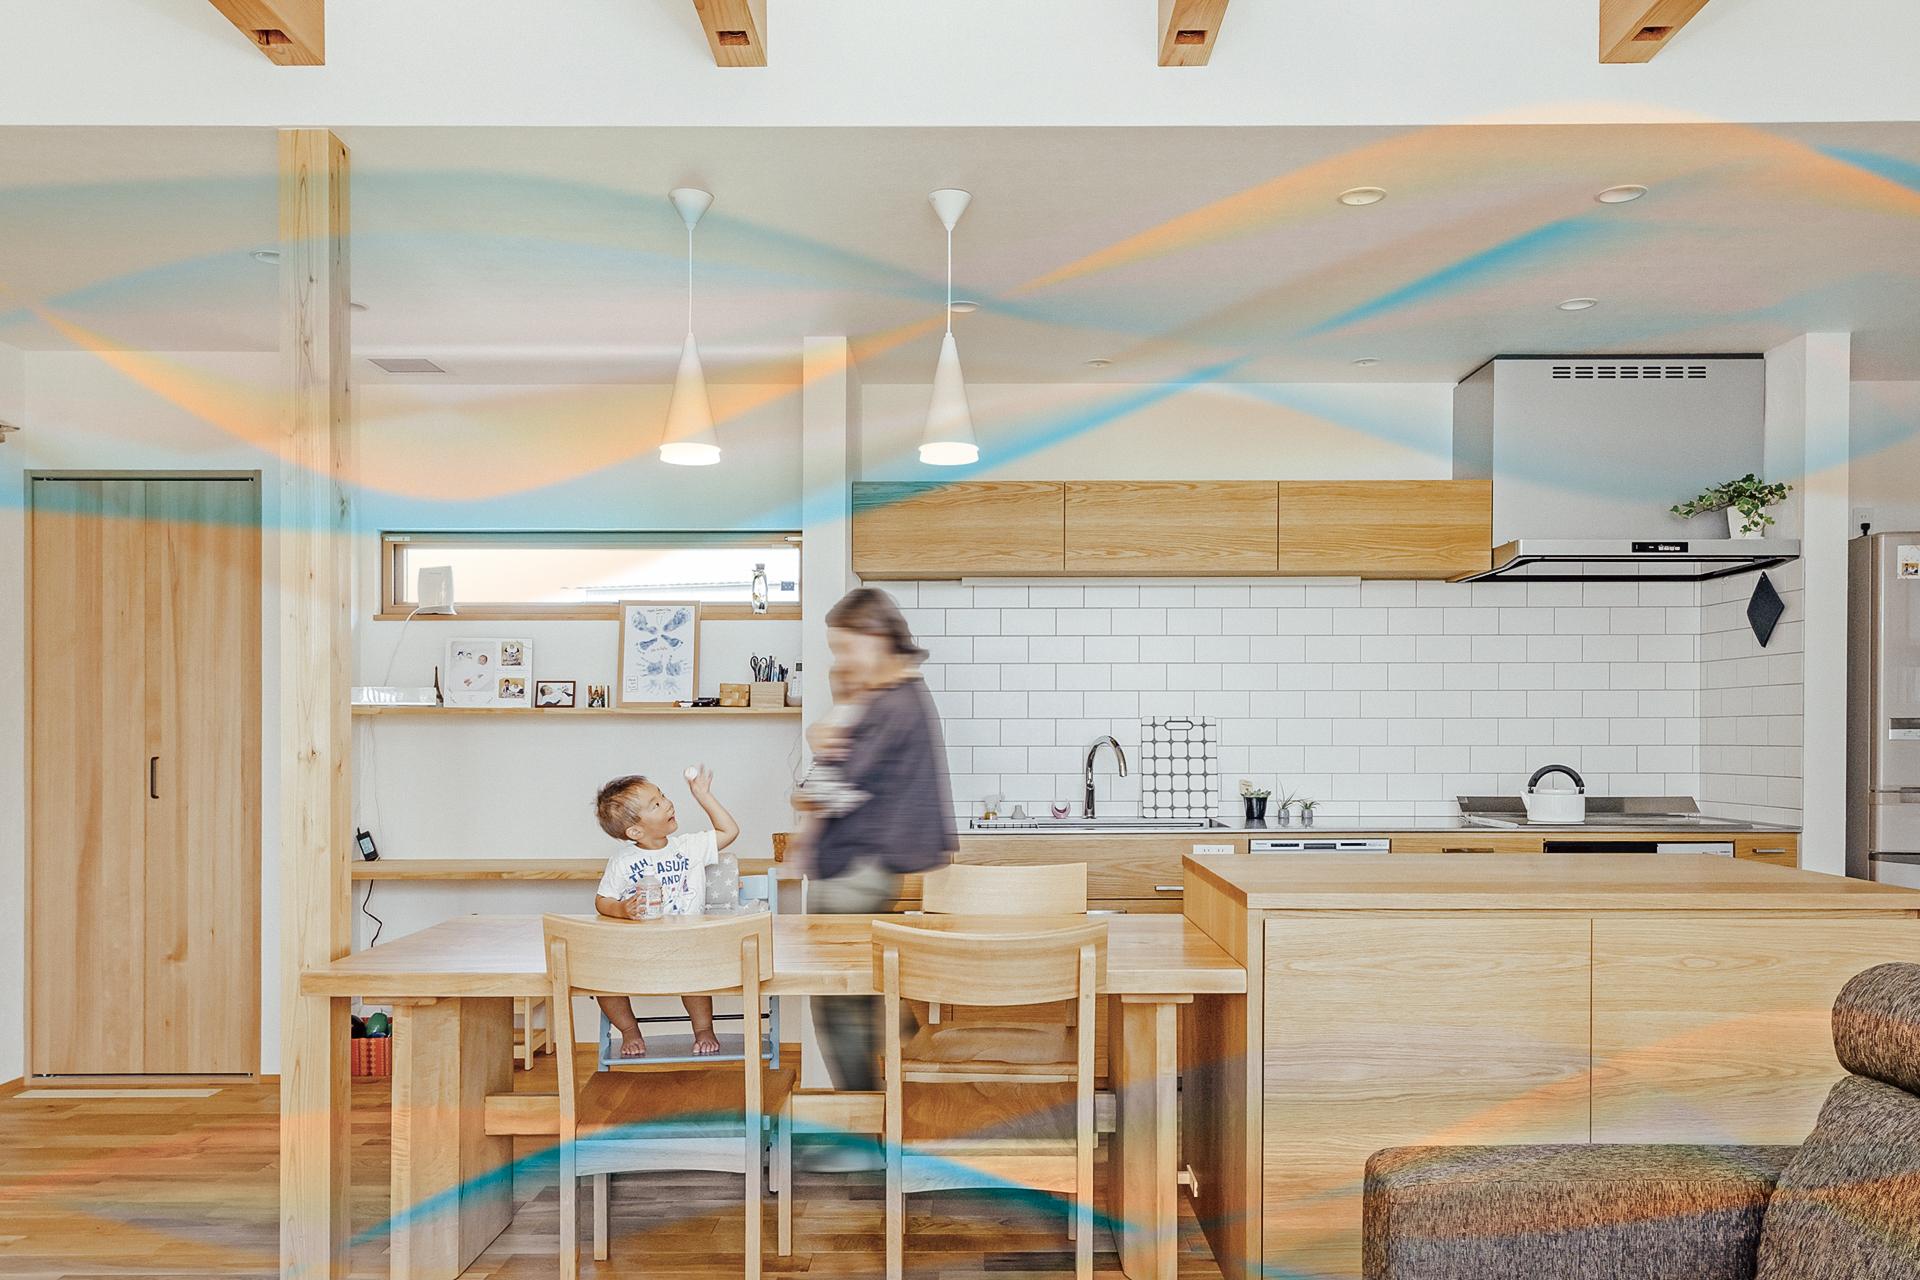 """【全館空調システム""""Mirai""""①】デザイン性と機能性を両立した「理想の空調」ができるまで"""